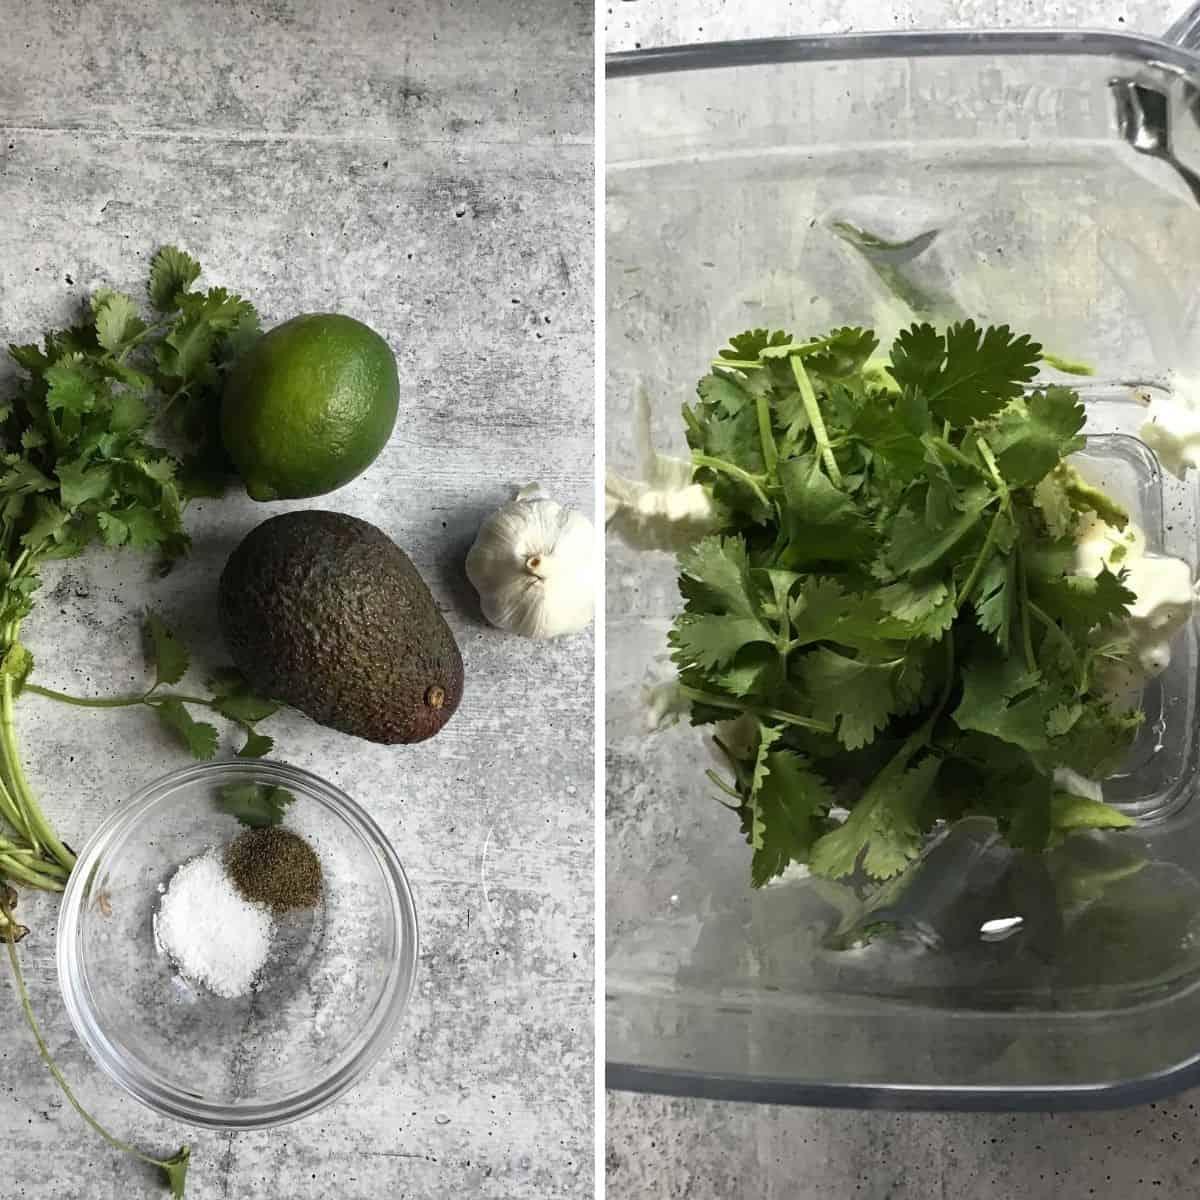 Ingredients to make avocado crema